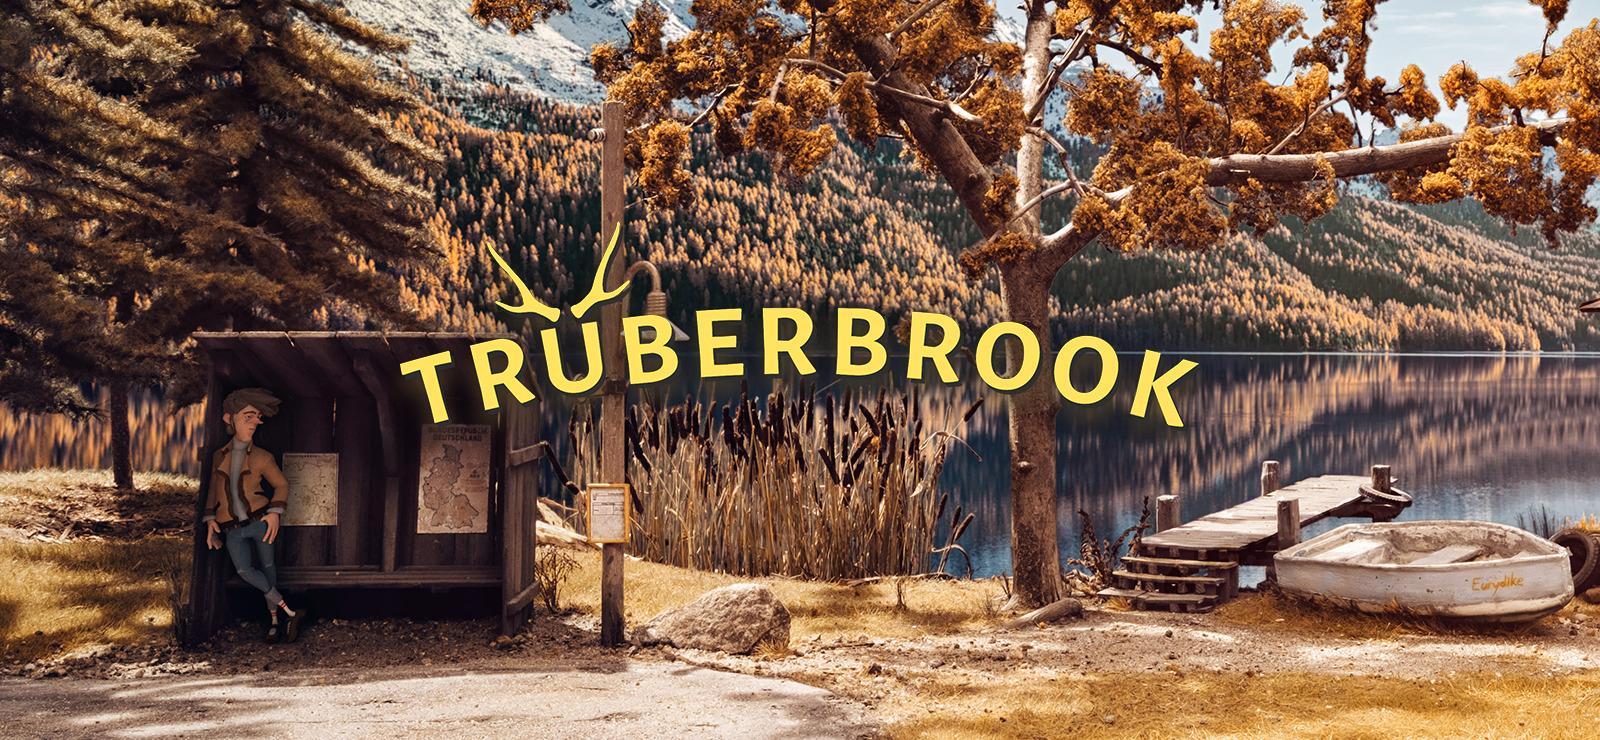 Trüberbrook / Truberbrook GOG скачать последнюю версию - Торрминаторр